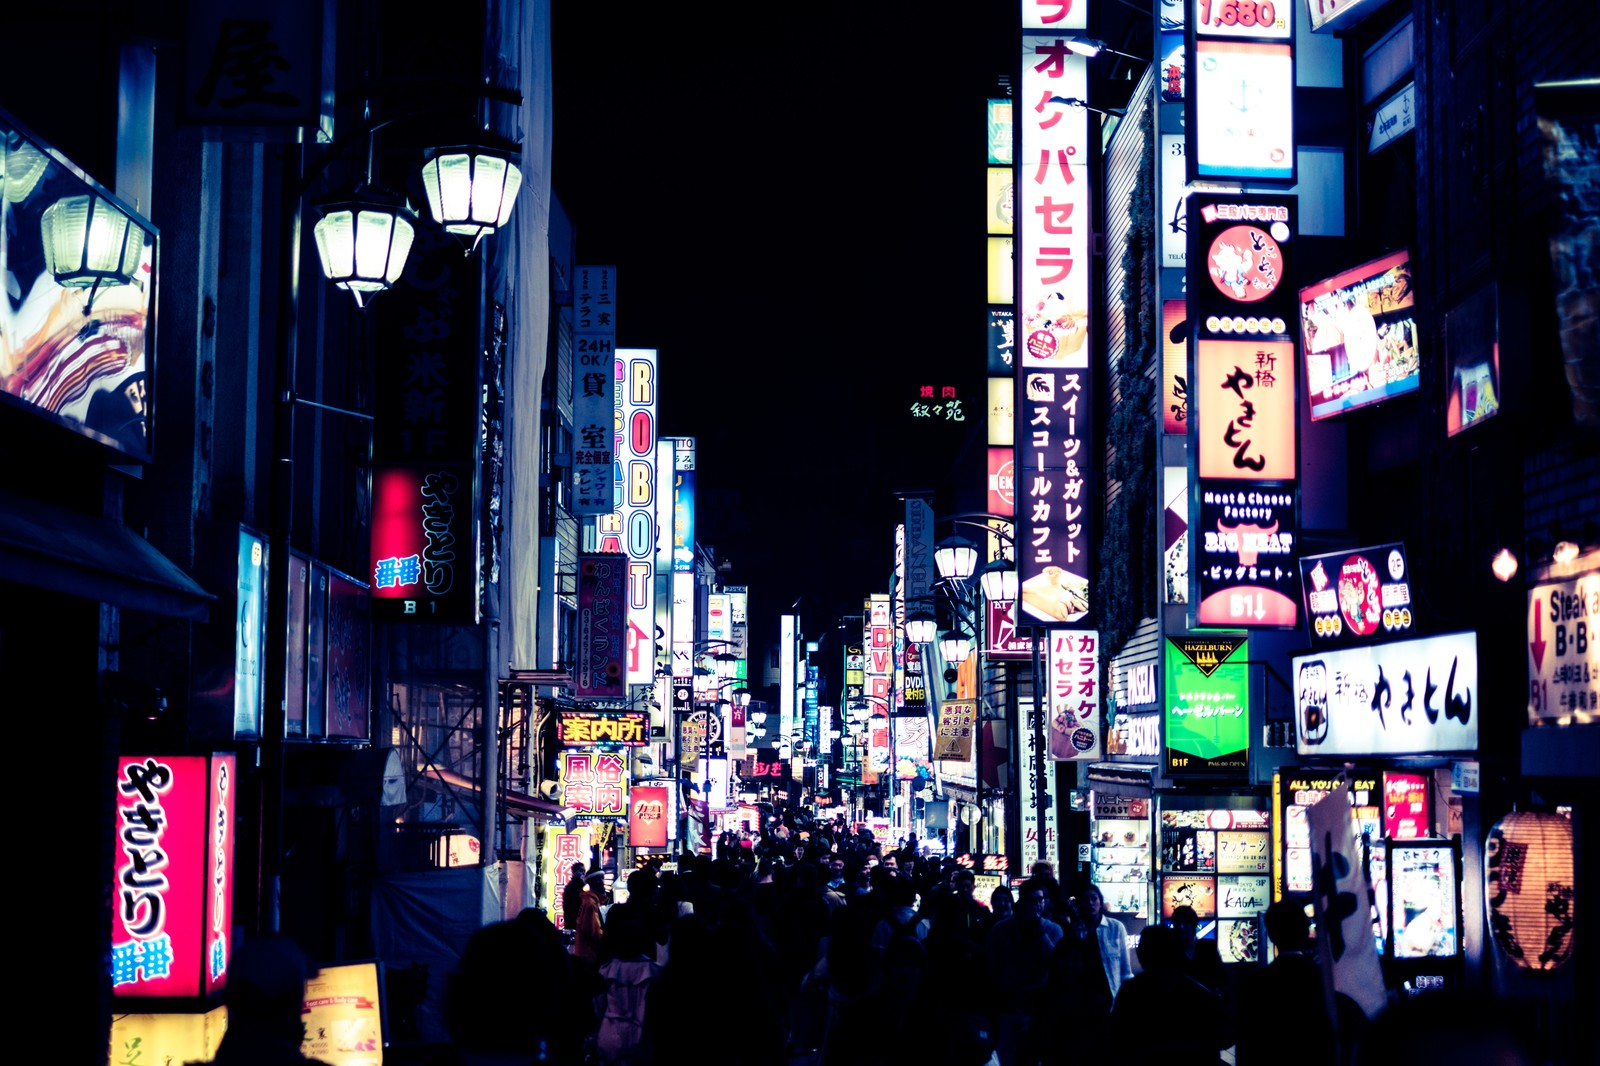 https://www.pakutaso.com/shared/img/thumb/KAZUKIHIRO81005_TP_V.jpg